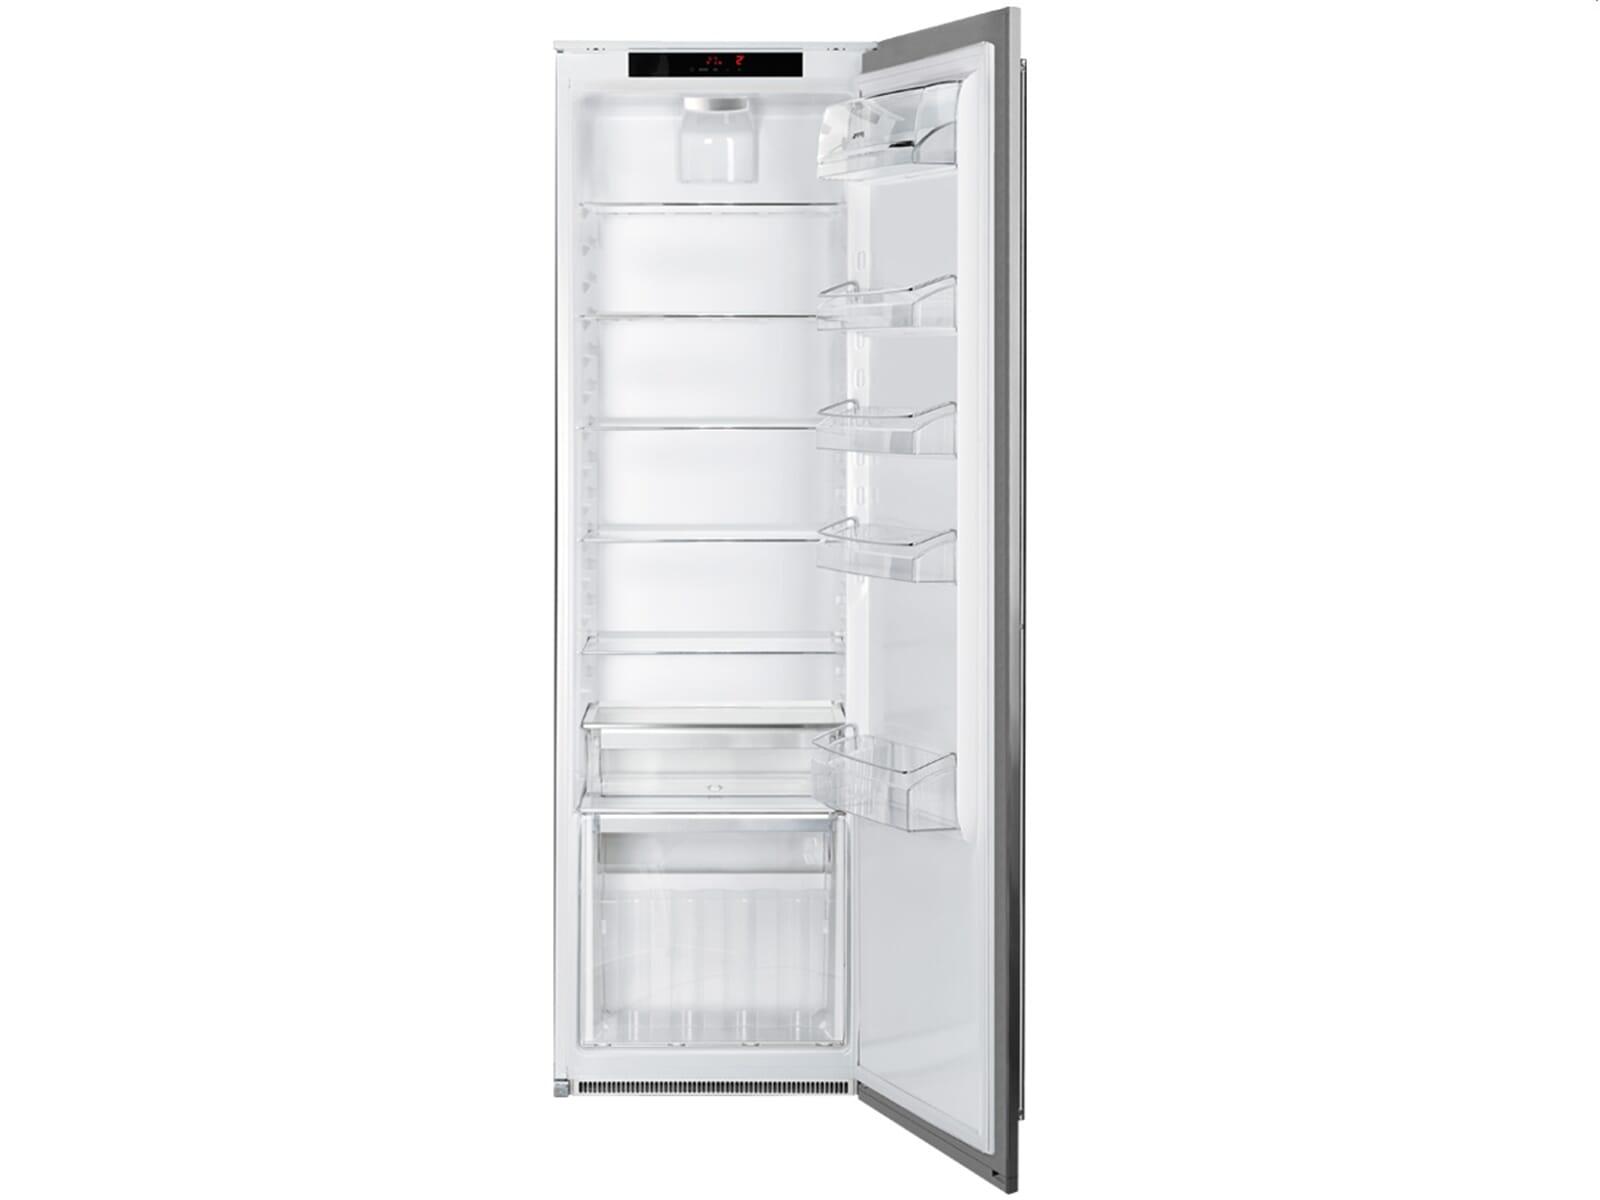 Smeg Kühlschrank Ostermann : Smeg kühlschrank innen retro kühlschrank singulär kühlschrank